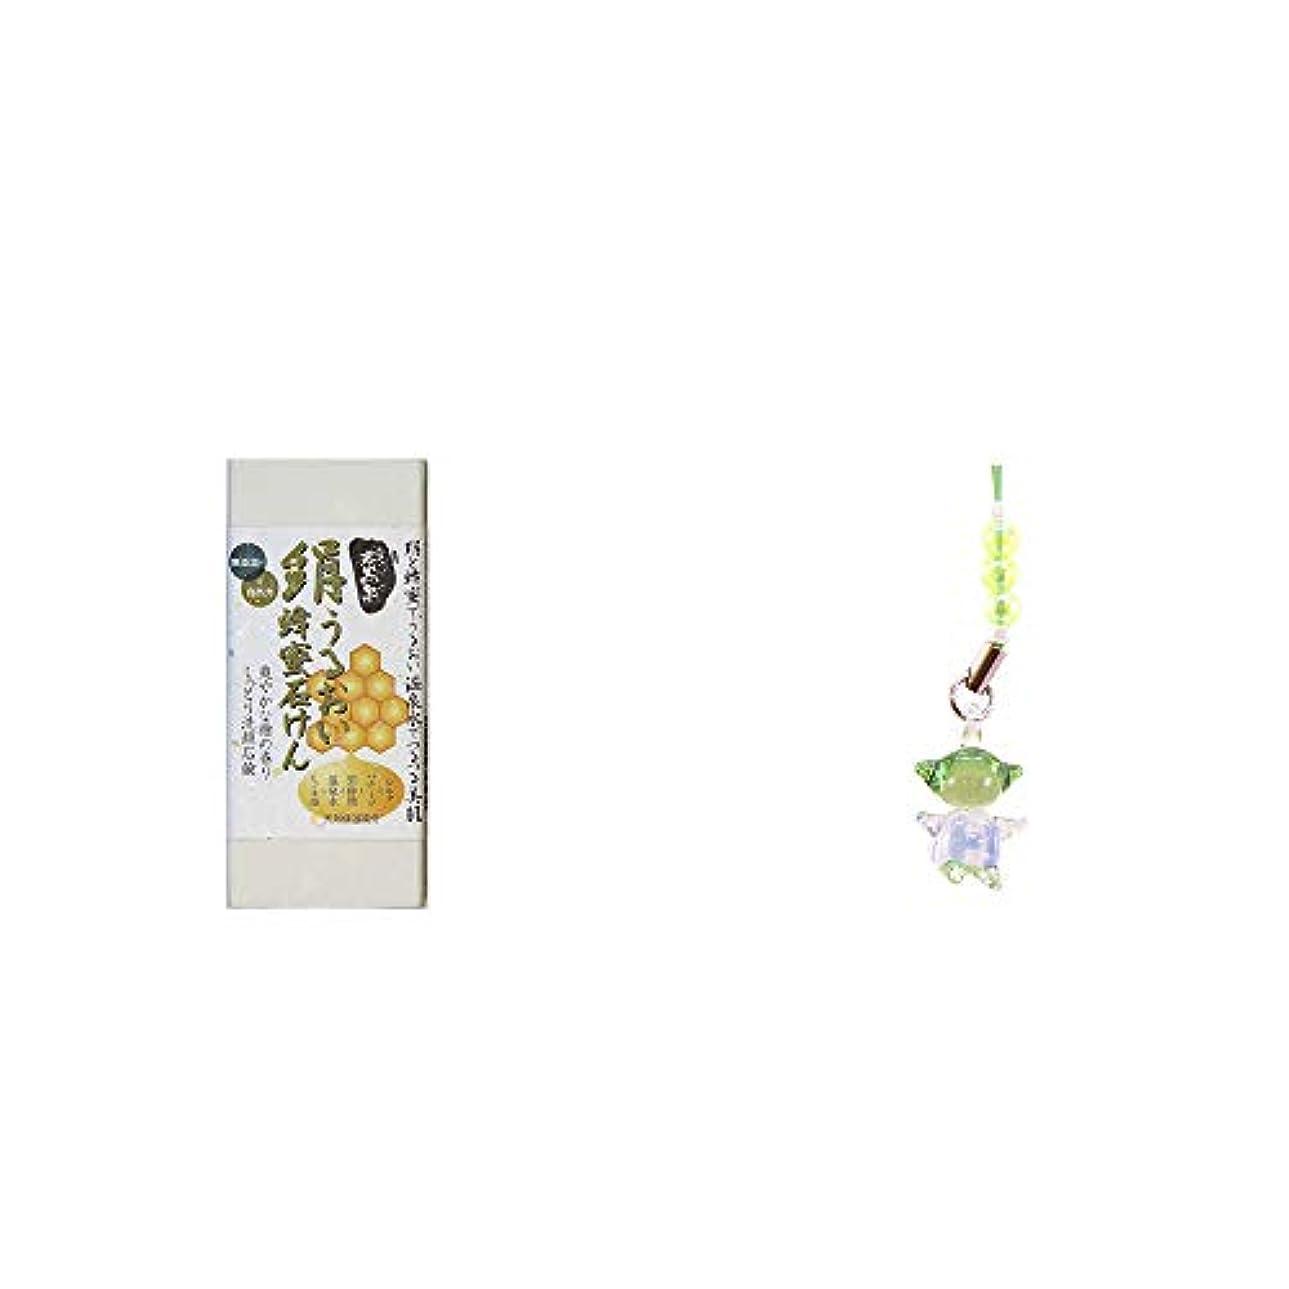 ねばねば授業料タンク[2点セット] ひのき炭黒泉 絹うるおい蜂蜜石けん(75g×2)?ガラスのさるぼぼ 手作りキーホルダー 【緑】 /健康運?平穏?病気を寄付けない?健康祈願//